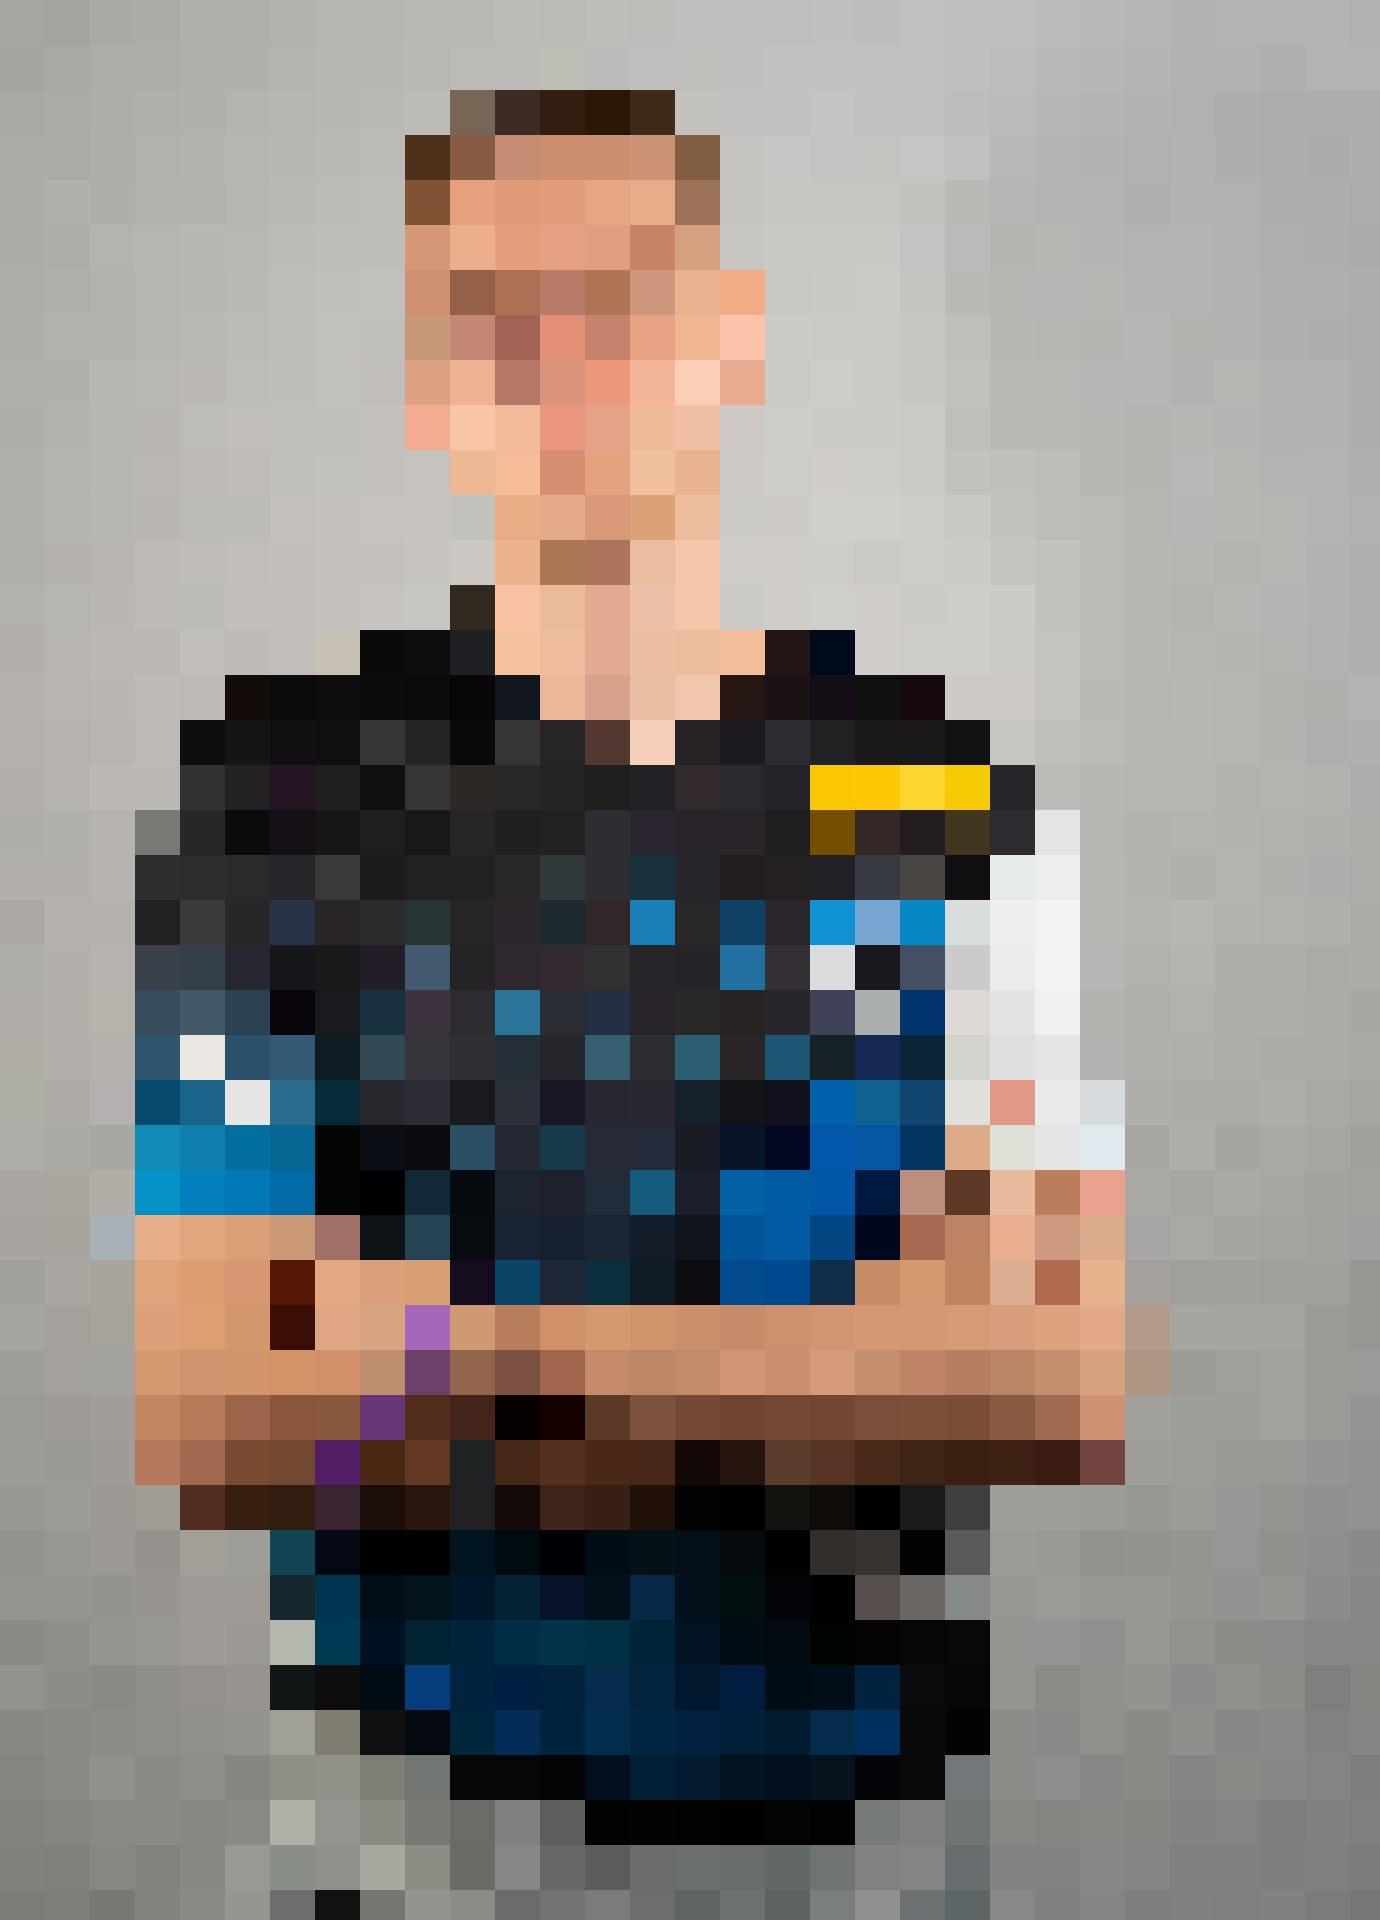 Shane Emmett gehört zu den derzeit erfolgreichsten Schweizer eSportlern. Mit seinem Team spielt er Turniere im Online-Game «Counter-Strike: Global Offensive», kurz «CS:GO».